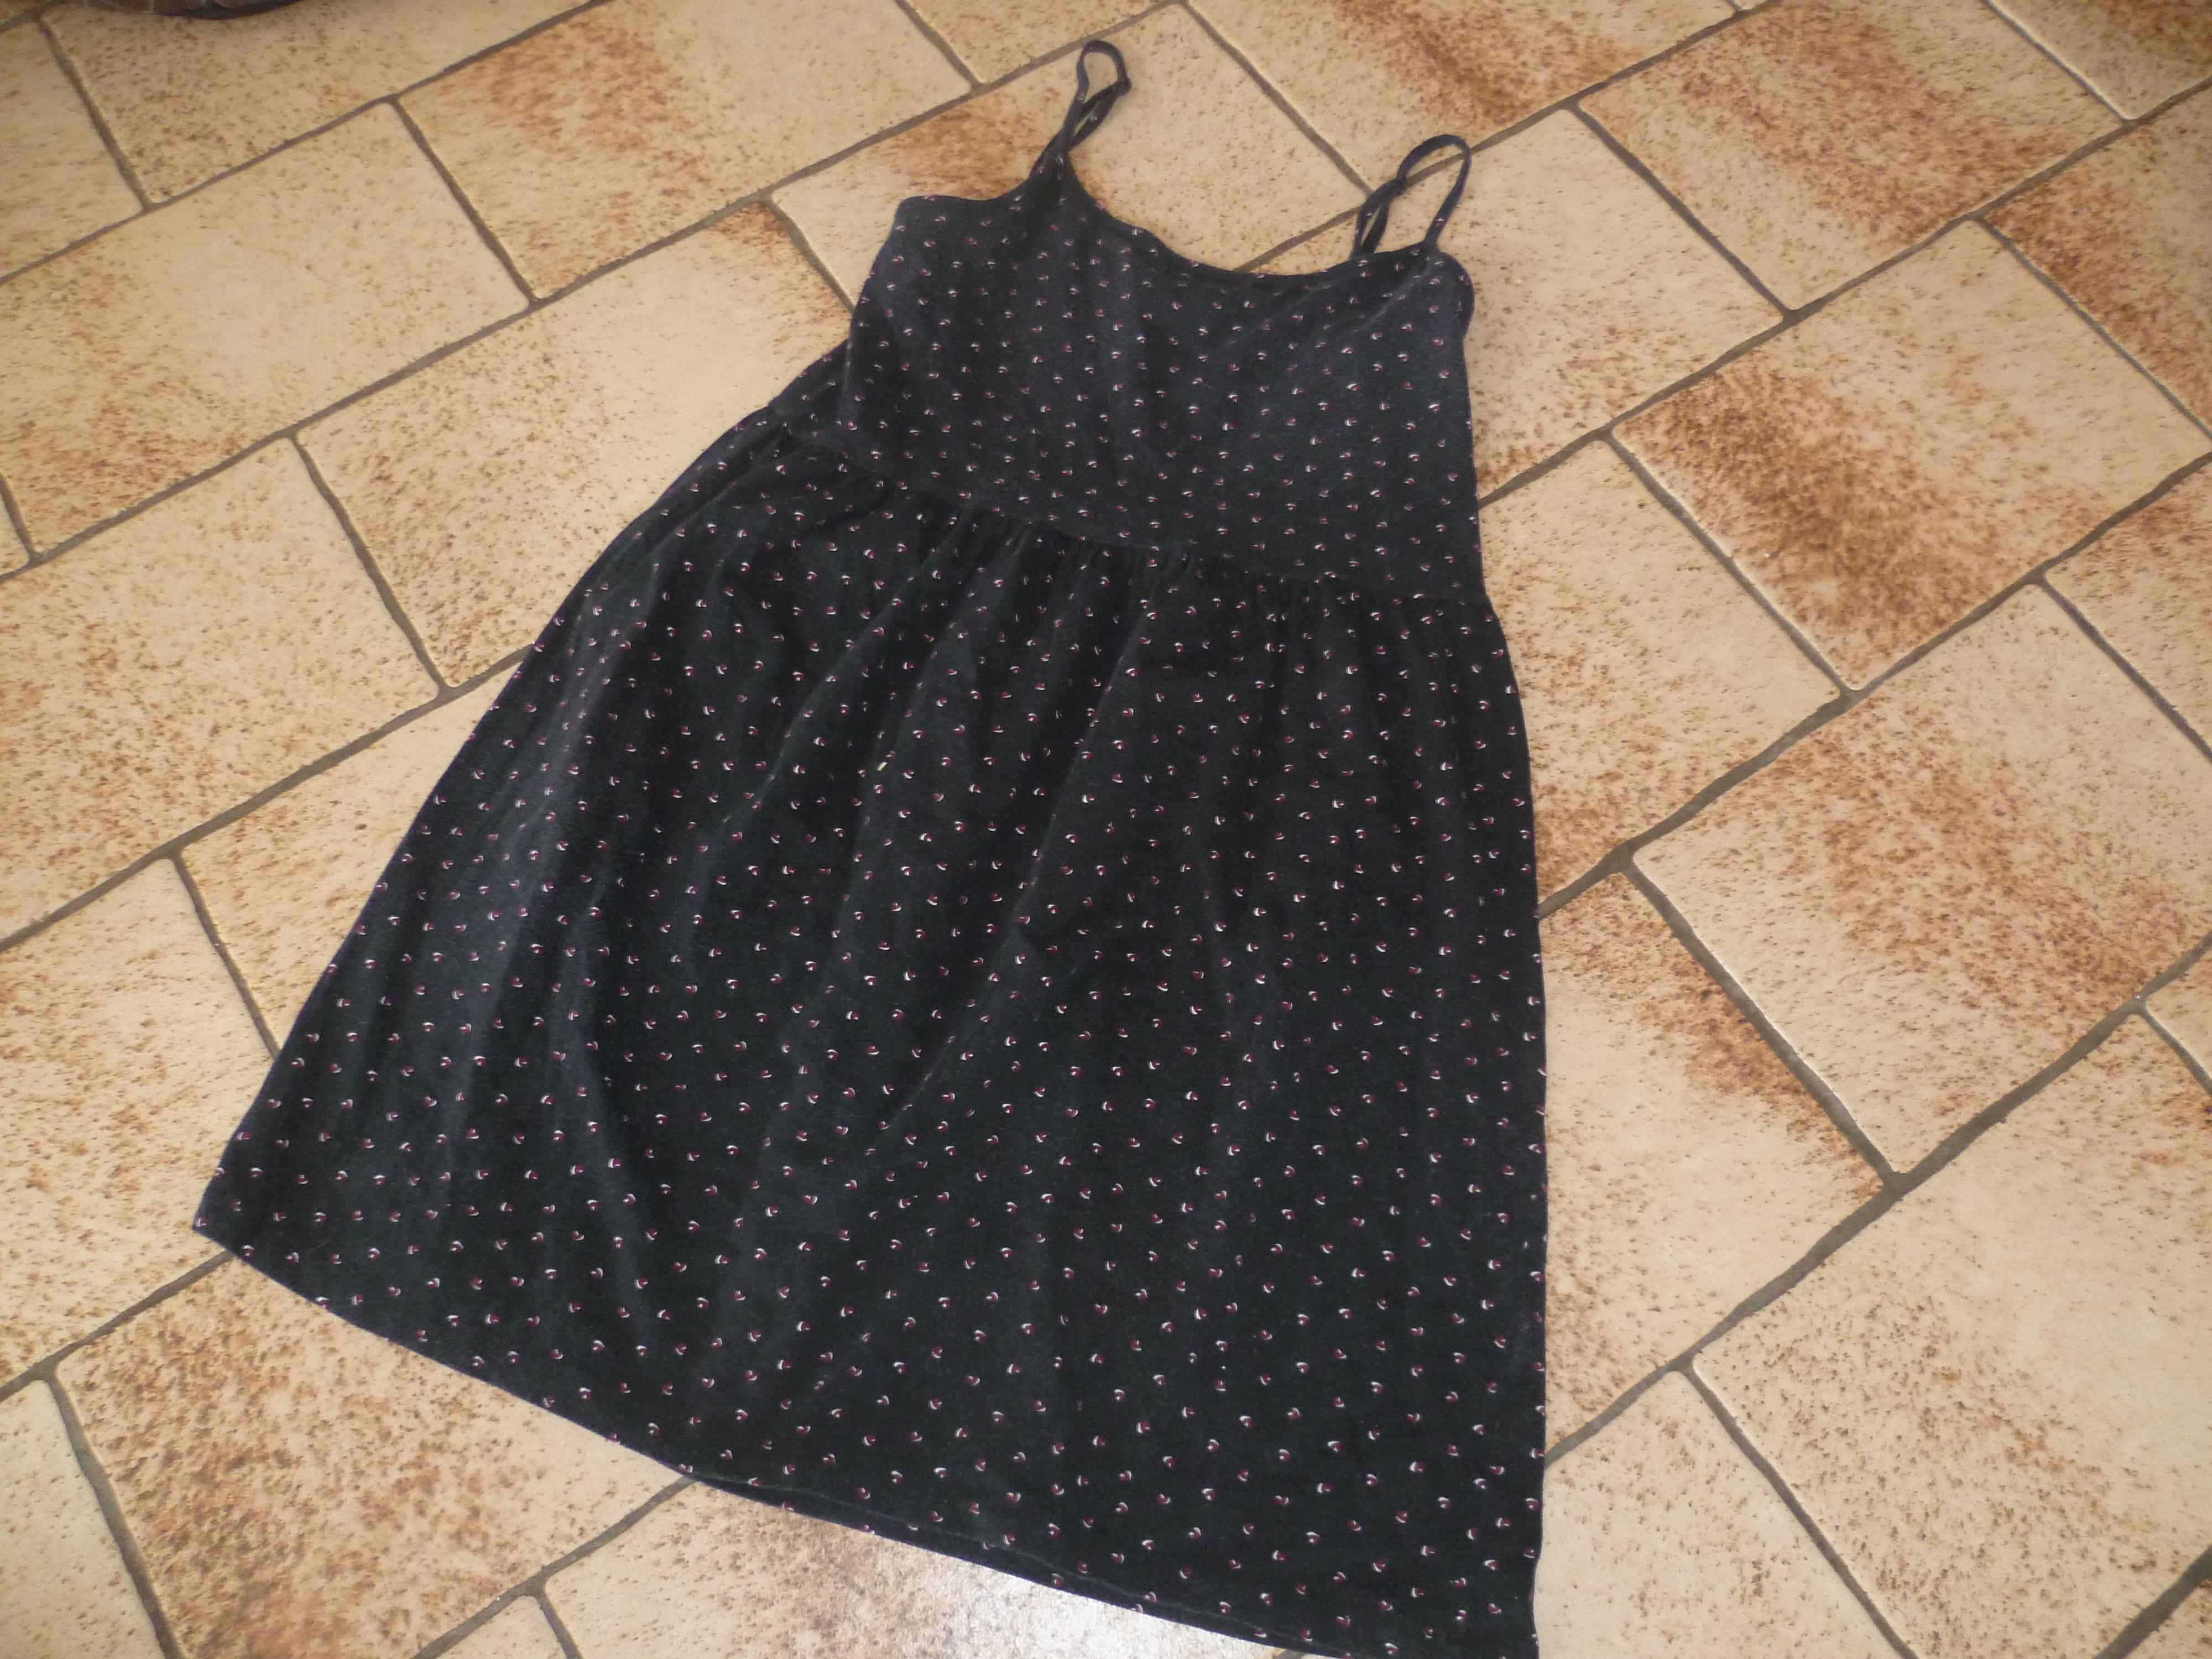 troc de troc reserve - robe à bretelles image 0